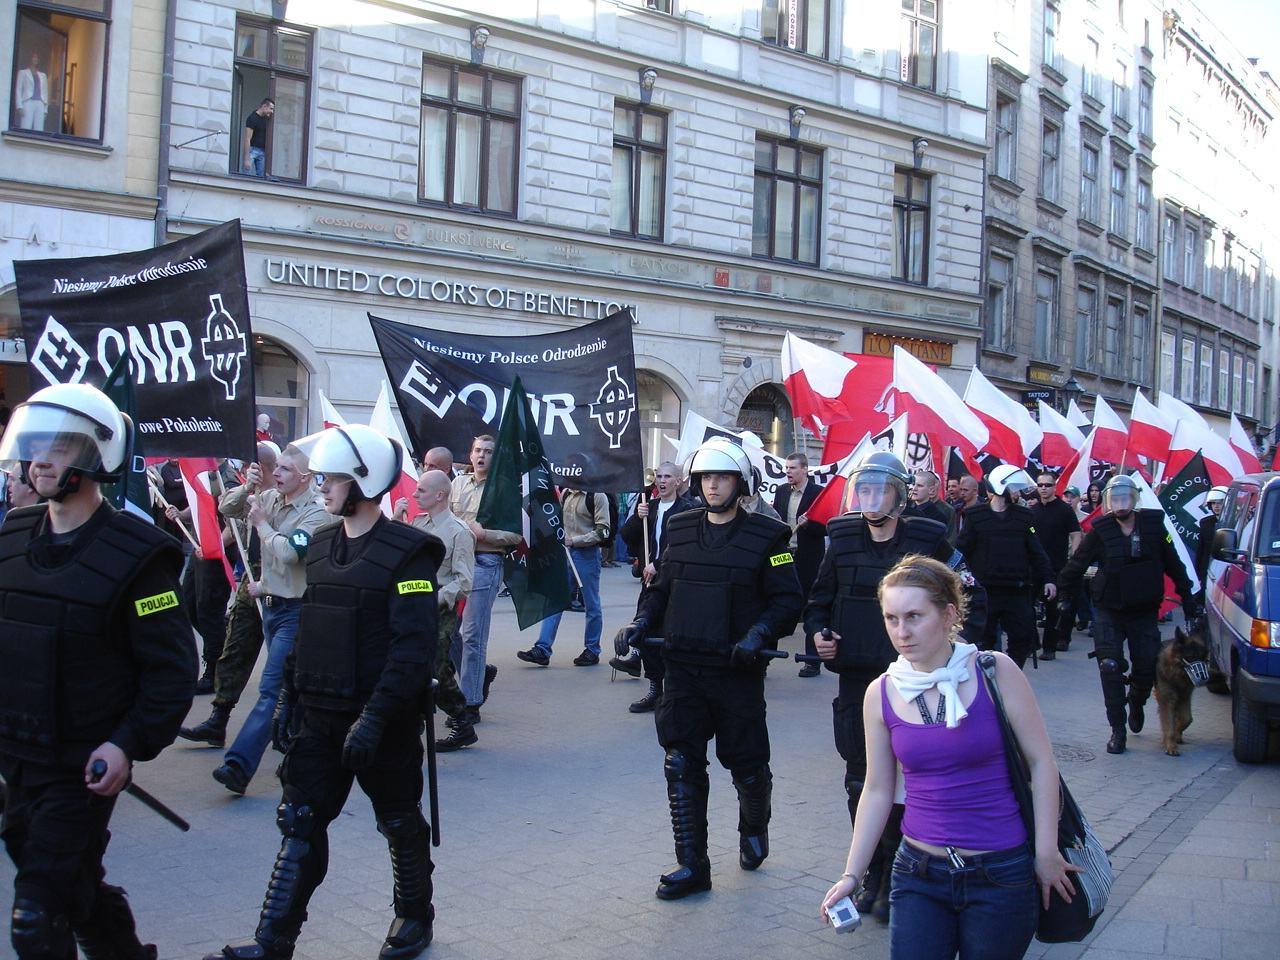 Narodowcy na marszu: Uderz, uderz w kapitalizm! (video)